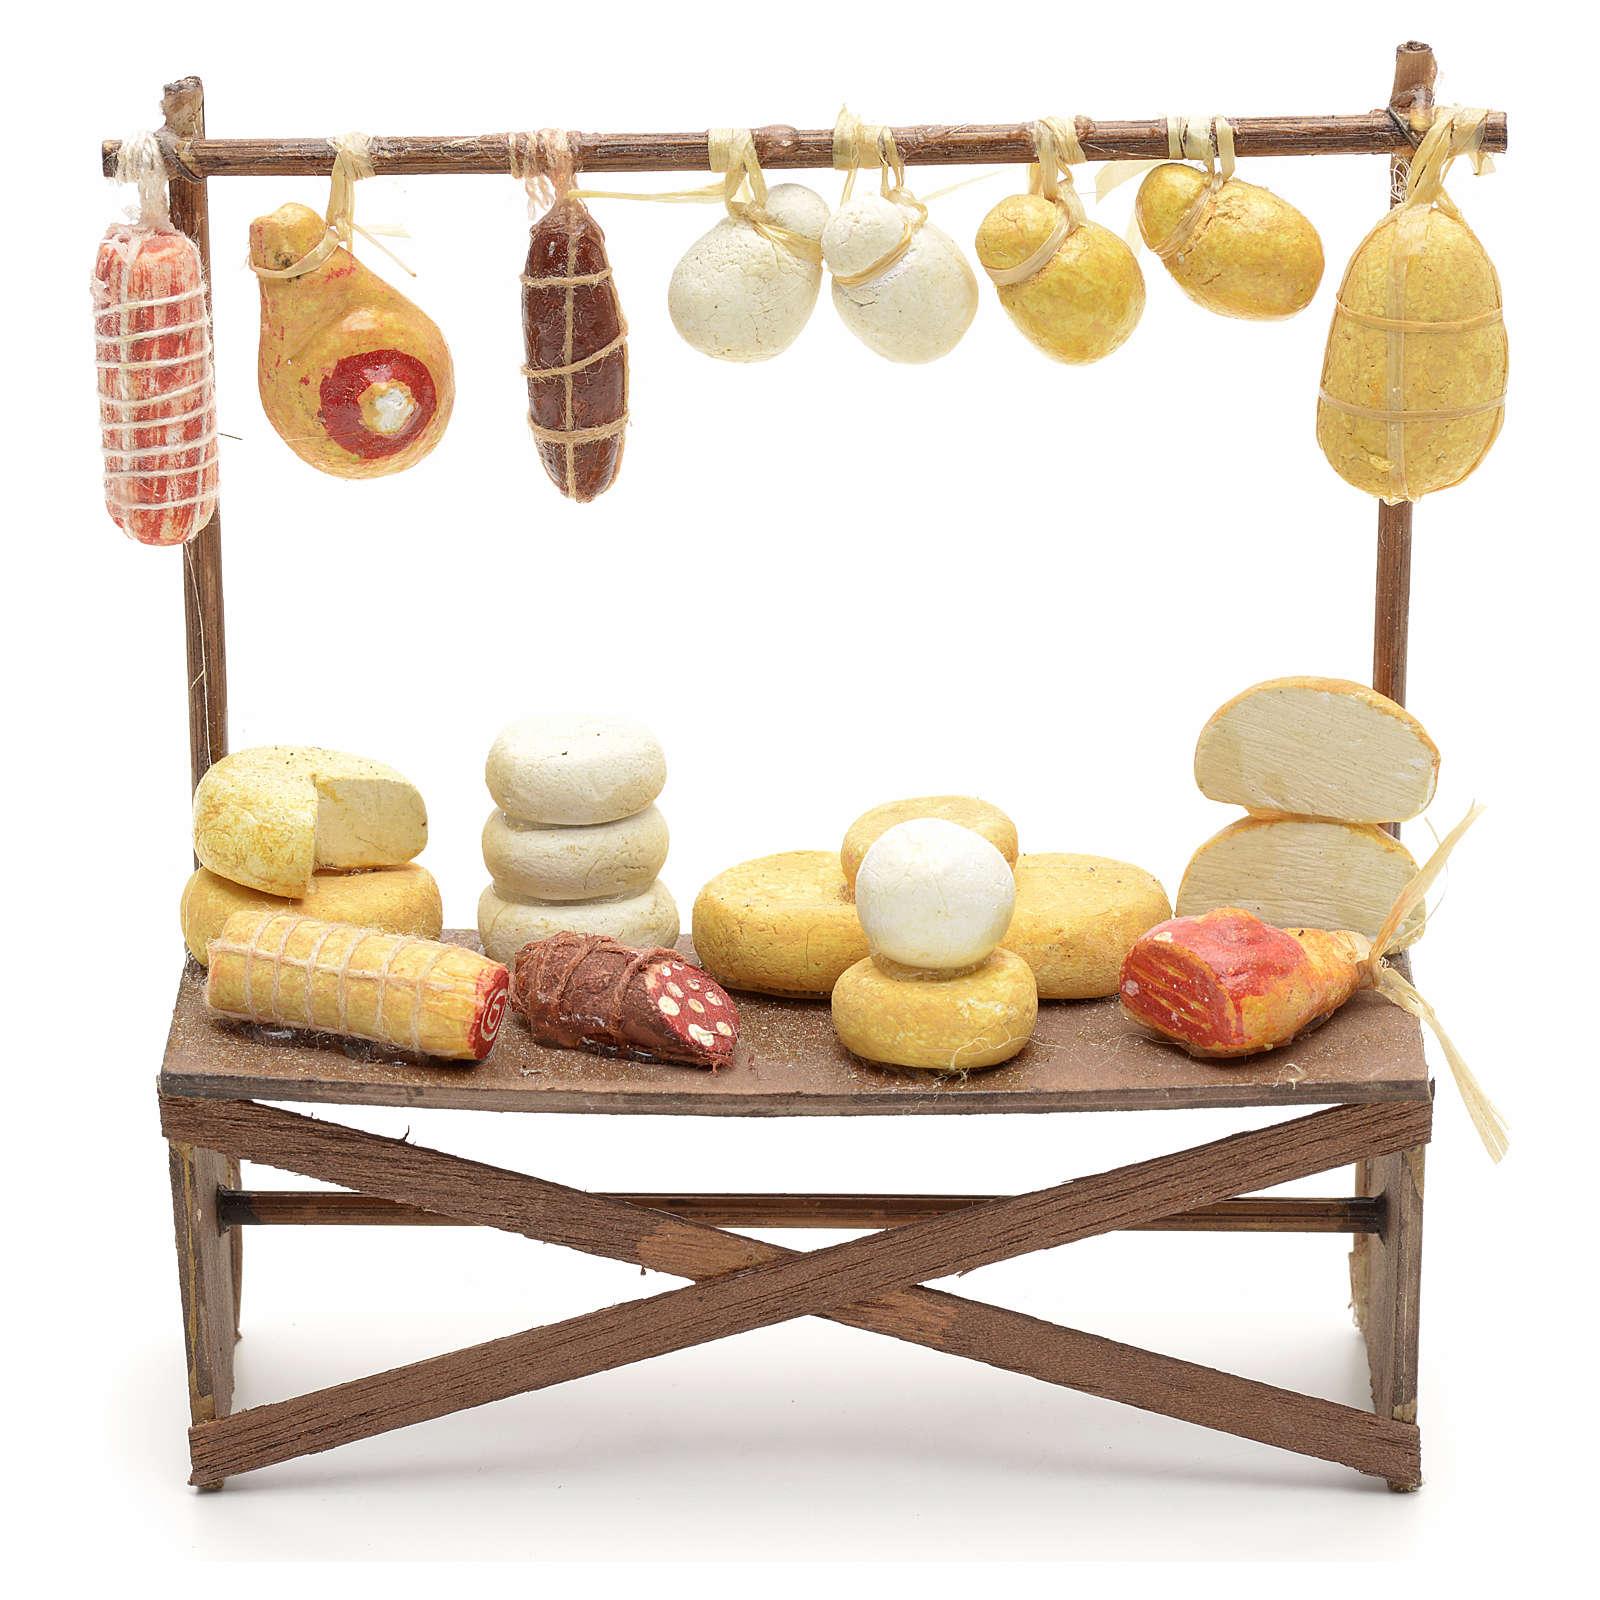 Banco salumi e formaggi presepe  12x11x4 cm 4